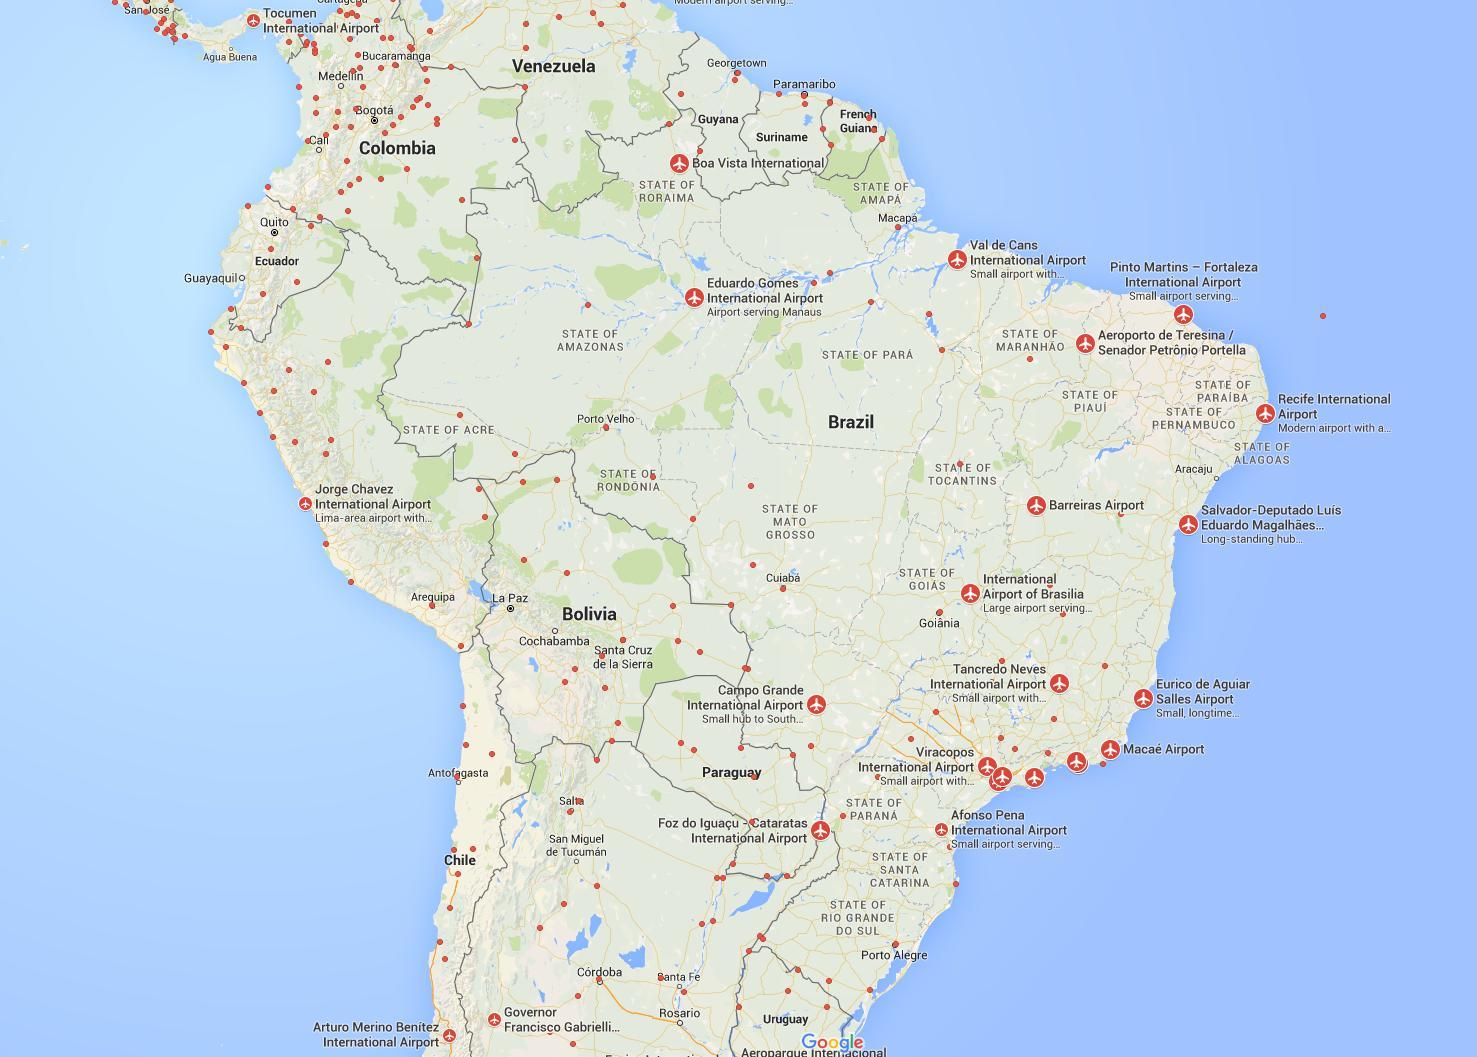 flughäfen brasilien karte Die Flughäfen Karte von Brasilien   Karte von Brasilien Flughäfen